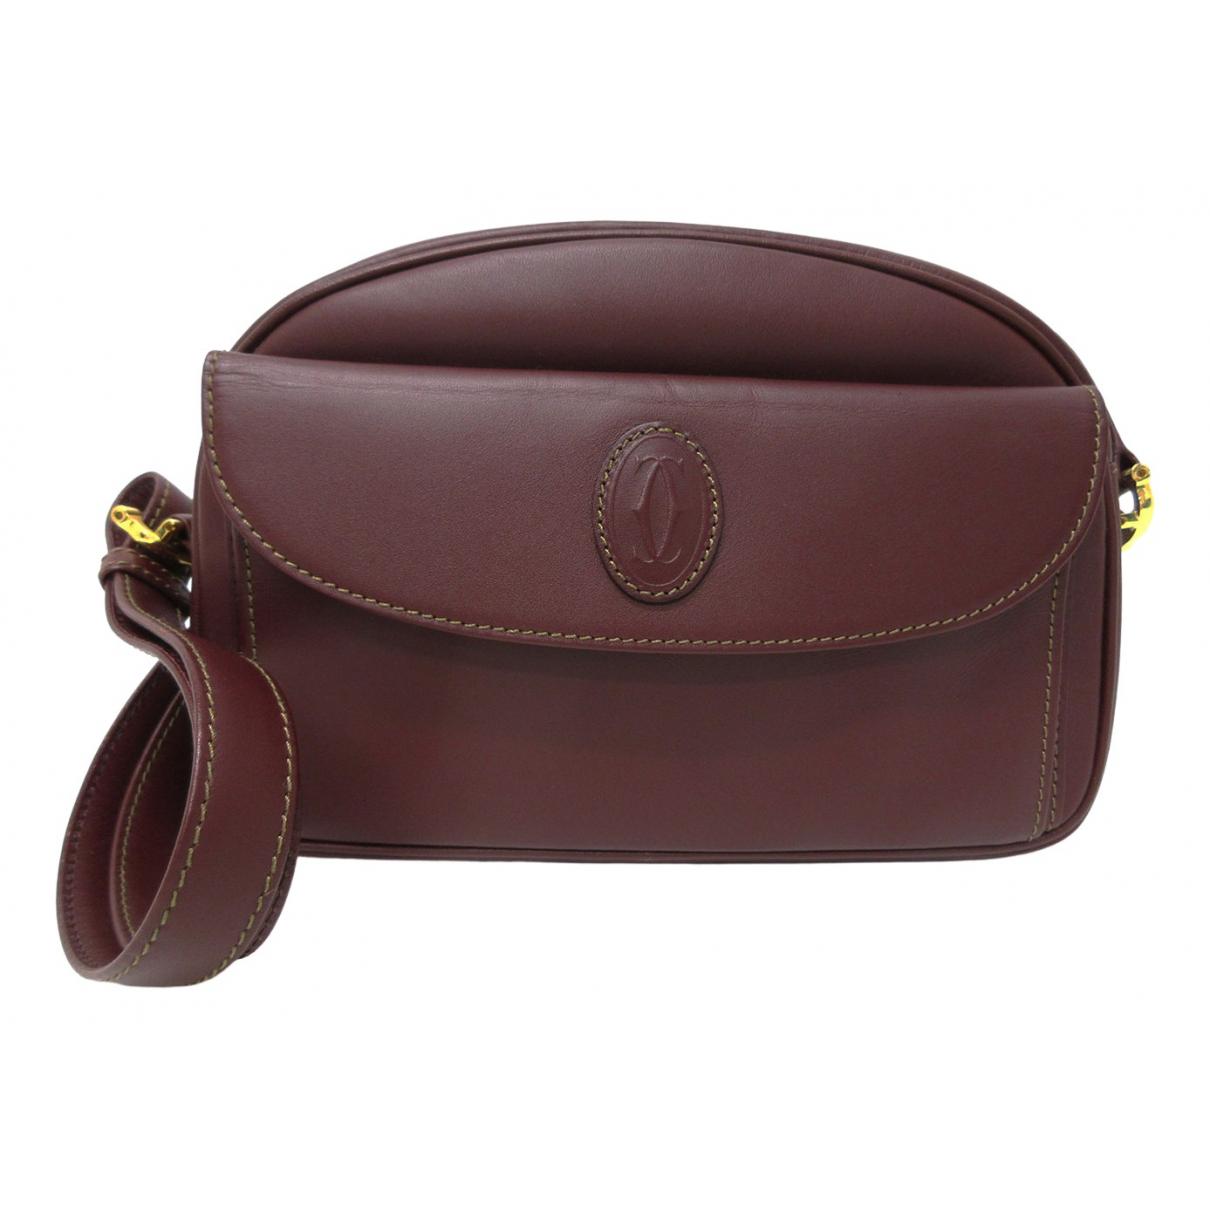 Cartier - Sac a main   pour femme en cuir - bordeaux